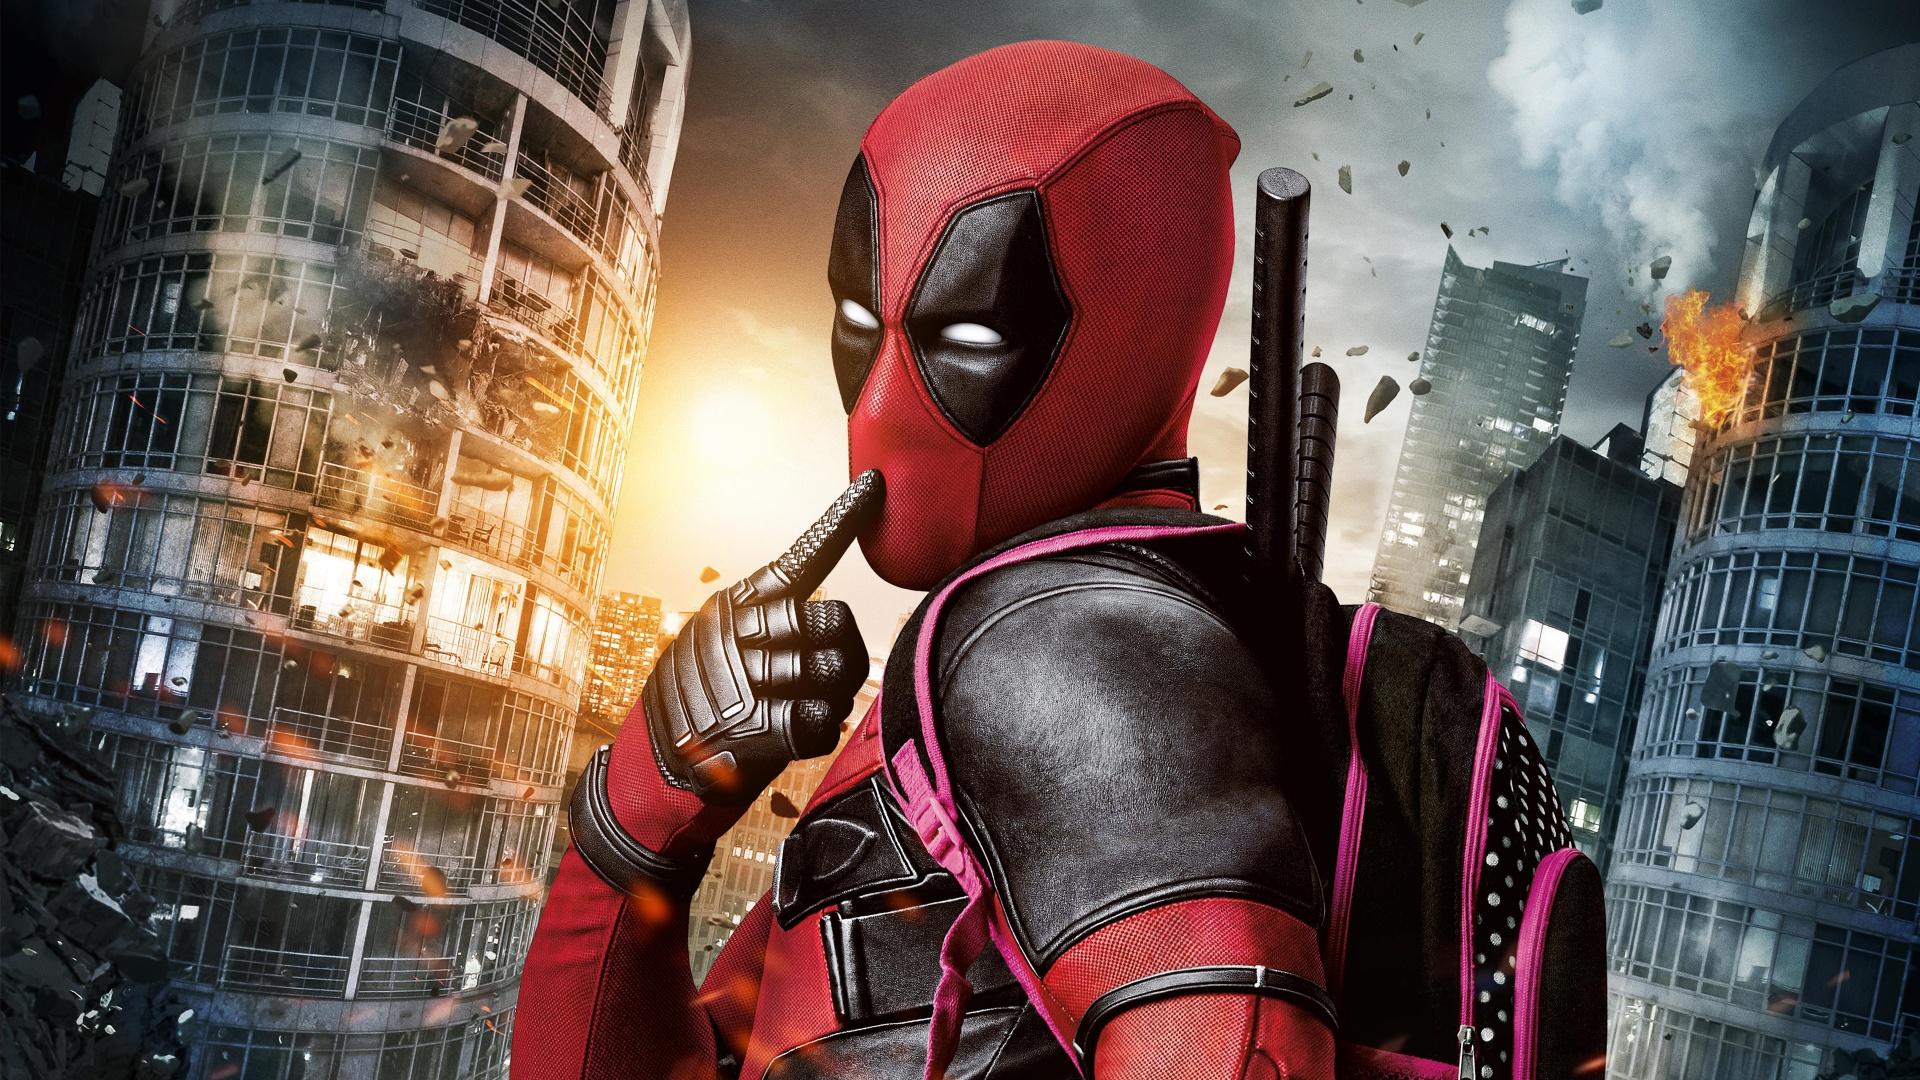 Объявлены новые даты выхода фильмов «Дэдпул 2», «Гамбит» и «Новые мутанты»